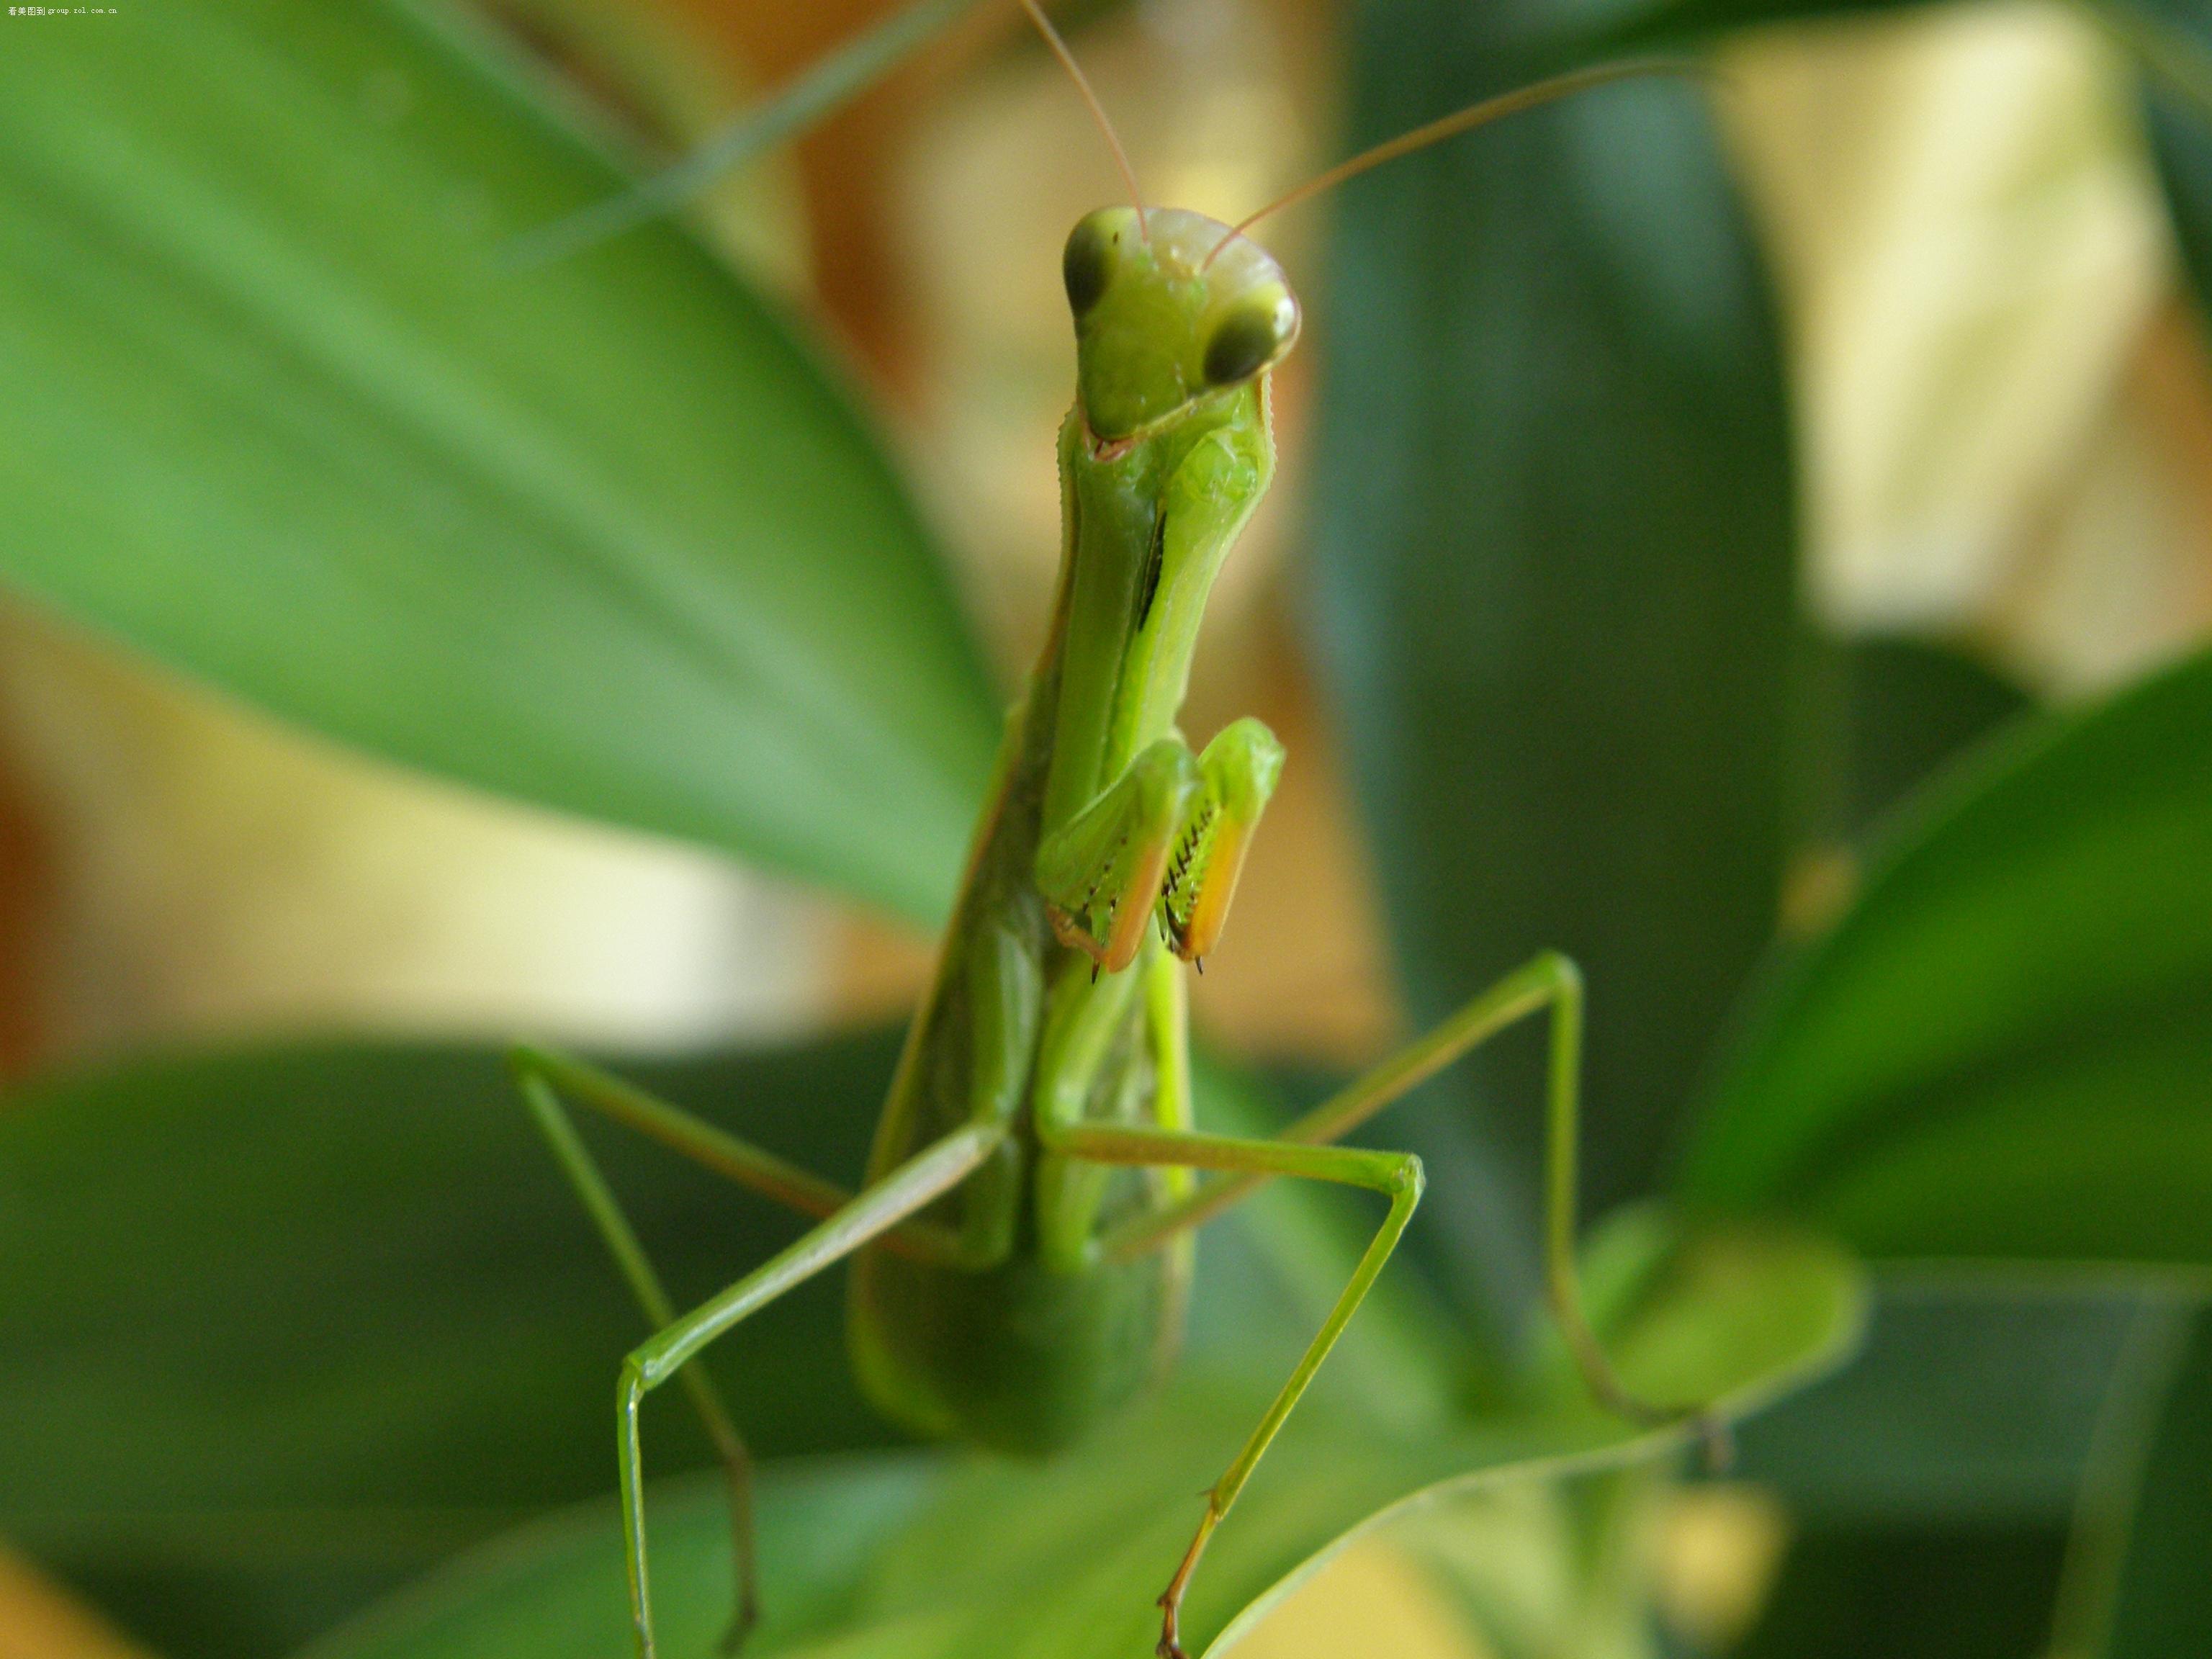 【我的宠物--螳螂(-_-)】动物植物-数码摄影论坛-zol